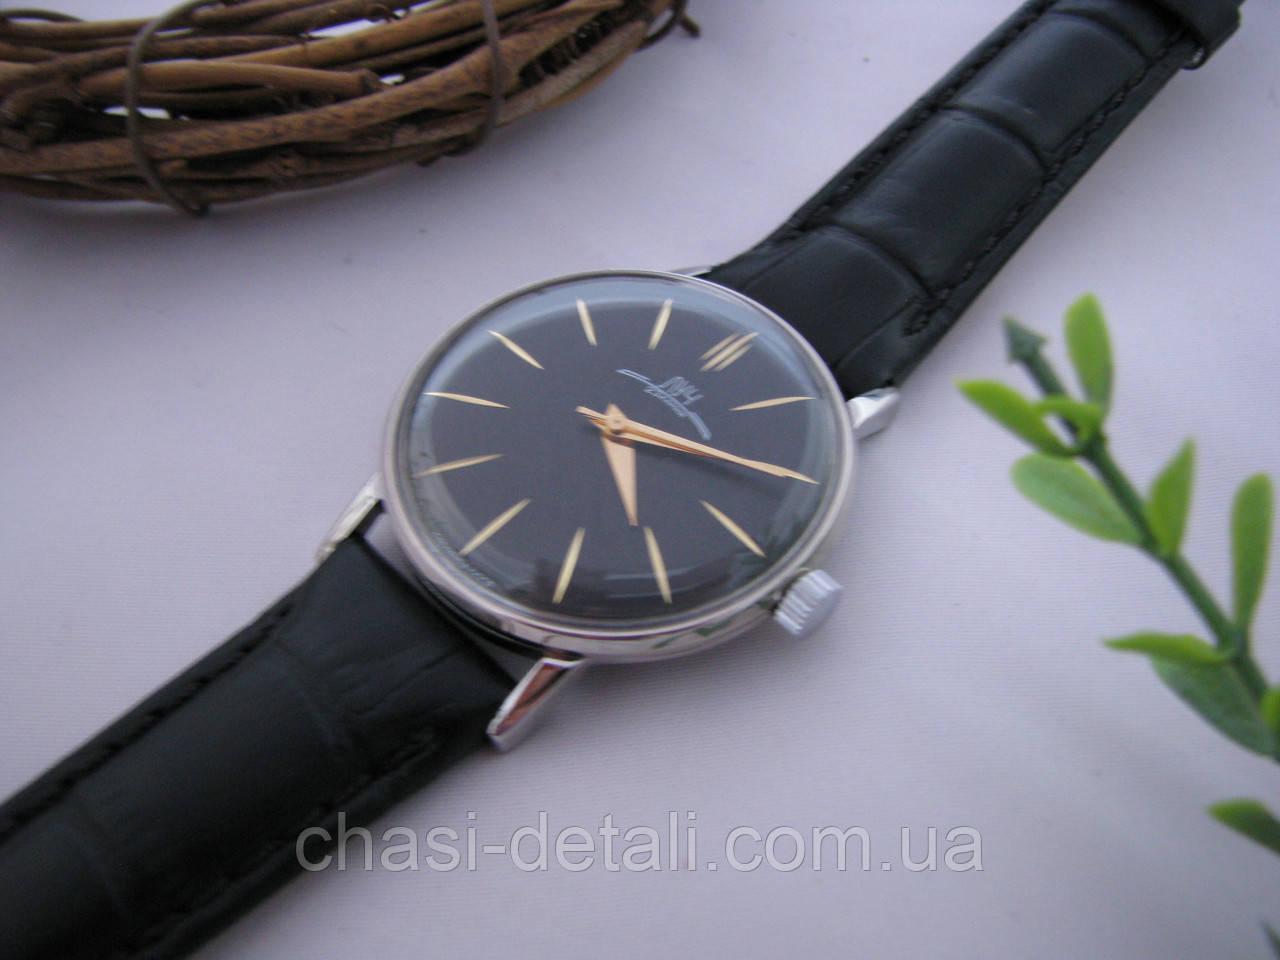 Ультратонкі Годинник Промінь. механізм 2209, 23 камені.